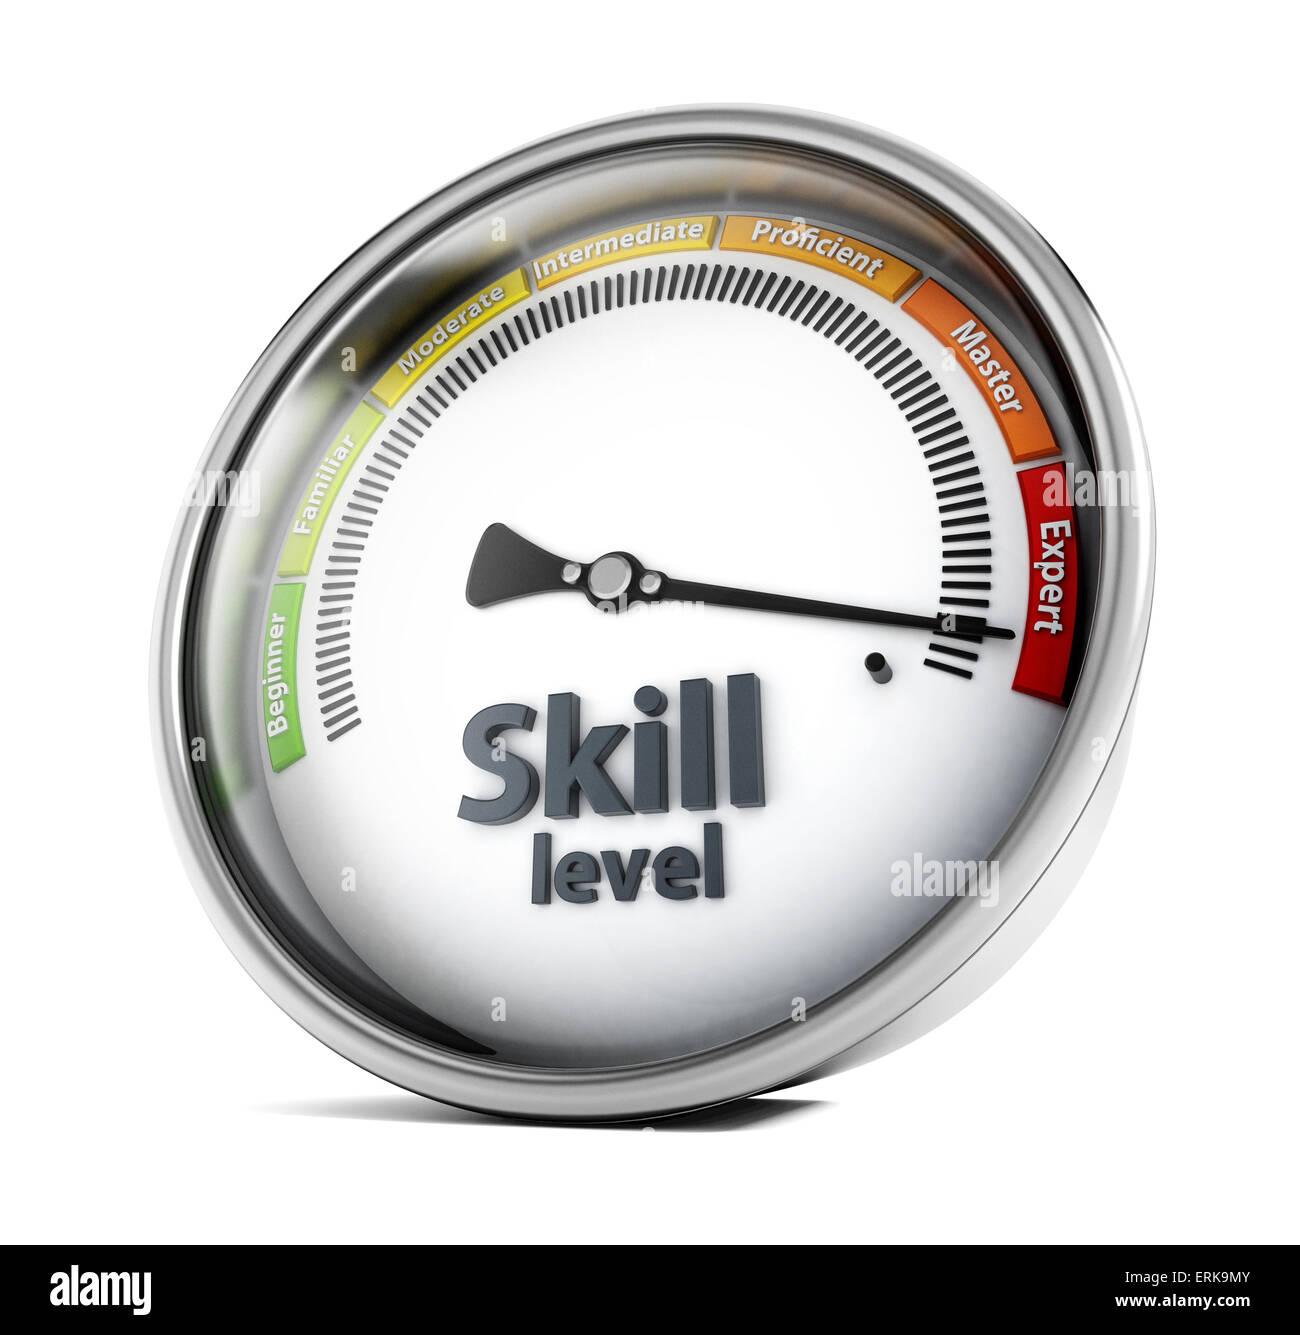 Medidor de nivel de habilidad que representa entre principiantes y expertos niveles de habilidades. Foto de stock